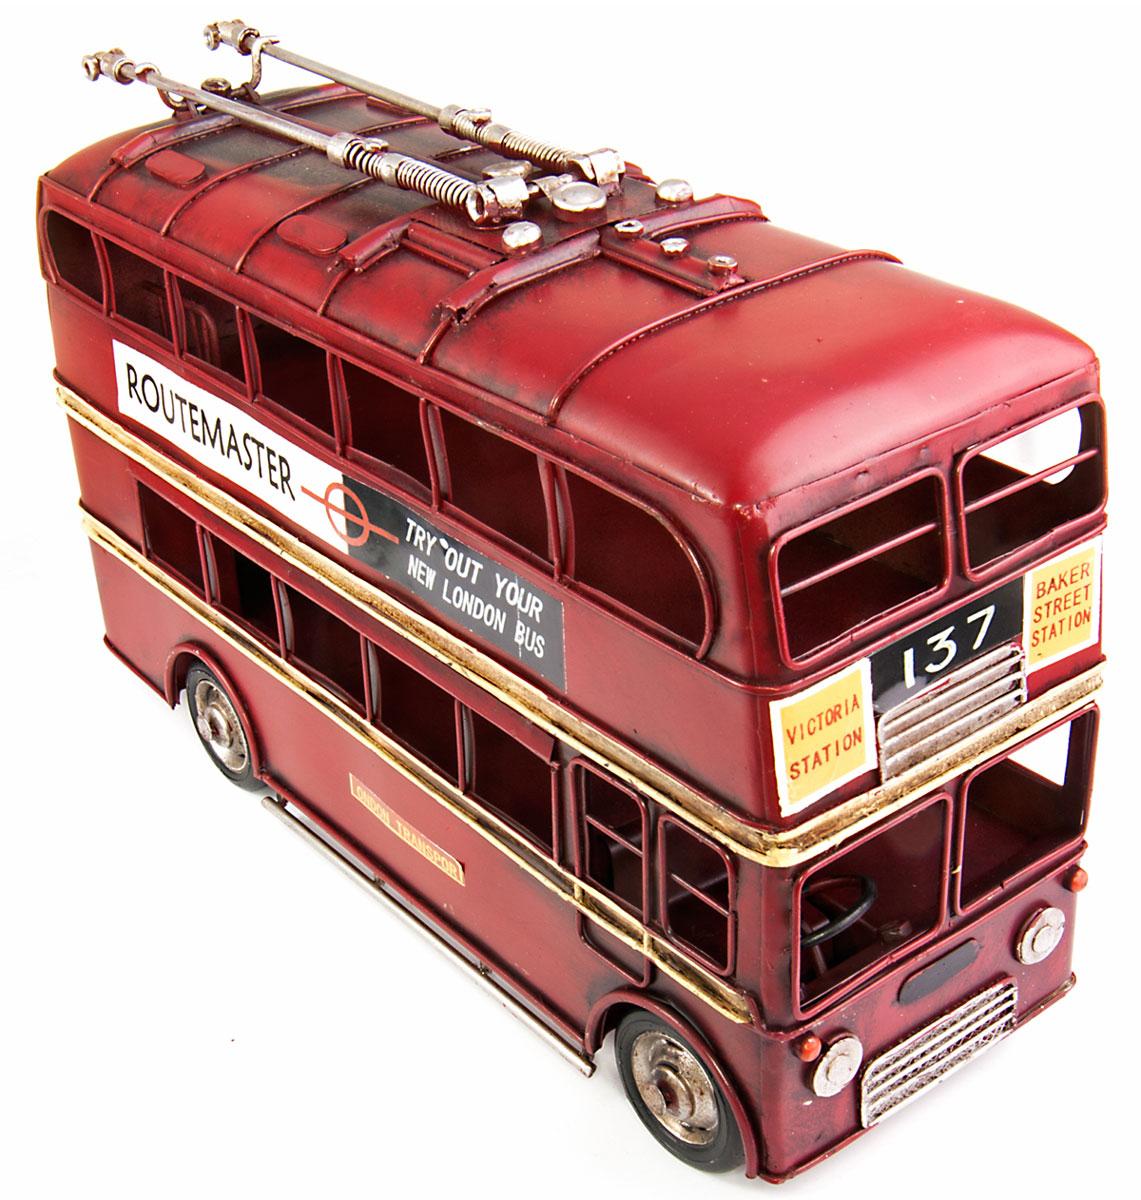 Модель Platinum Лондонский троллейбус. 1410E-44811410E-4481Модель Platinum Лондонский троллейбус, выполненная из металла, станет оригинальным украшением интерьера. Вы можете поставить ретро-модель в любом месте, где она будет удачно смотреться. Качество исполнения, точные детали и оригинальный дизайн выделяют эту модель среди ряда подобных. Модель займет достойное место в вашей коллекции, а также приятно удивит получателя в качестве стильного сувенира.